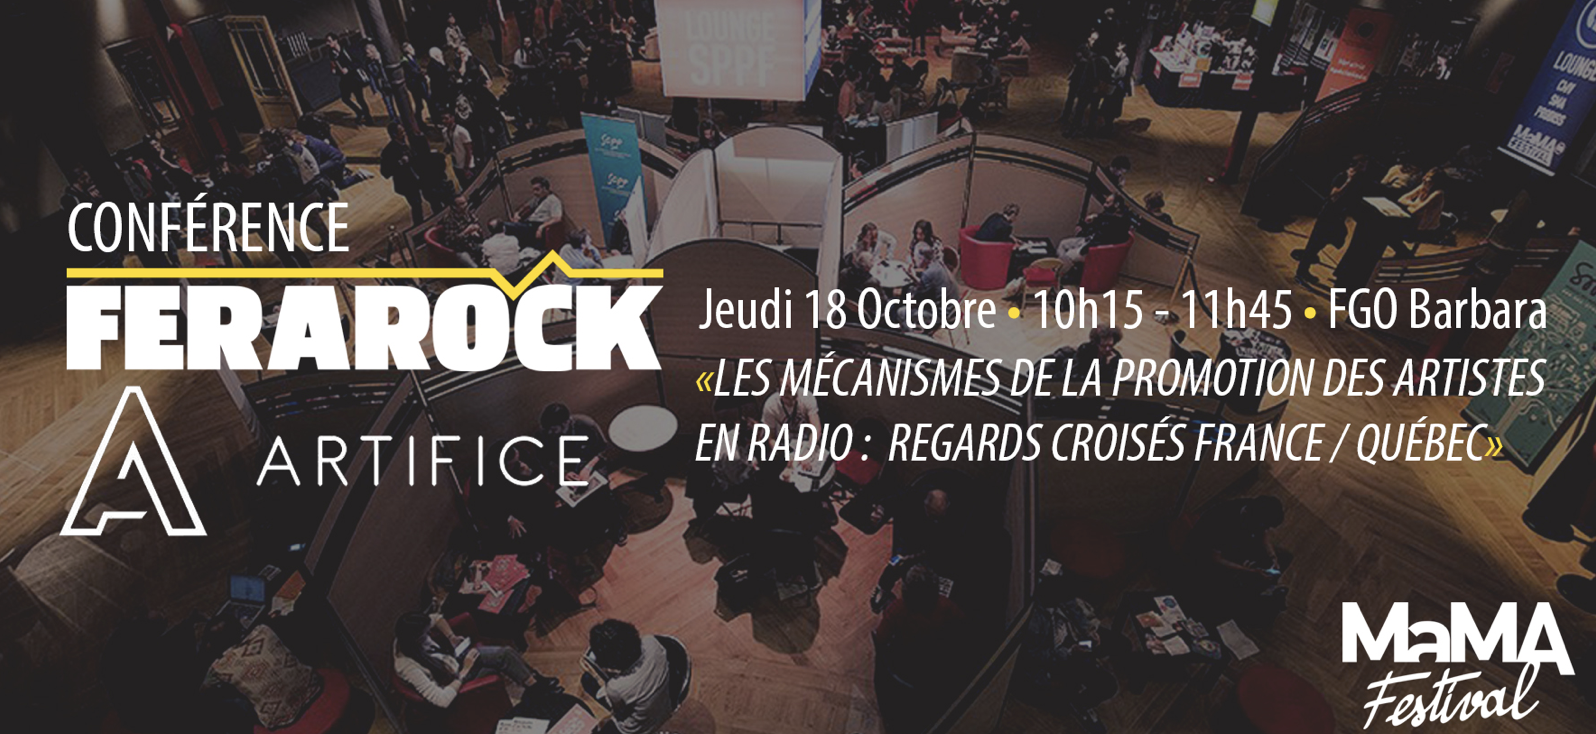 La Ferarock s'intéresse à la promotion des artistes en radio